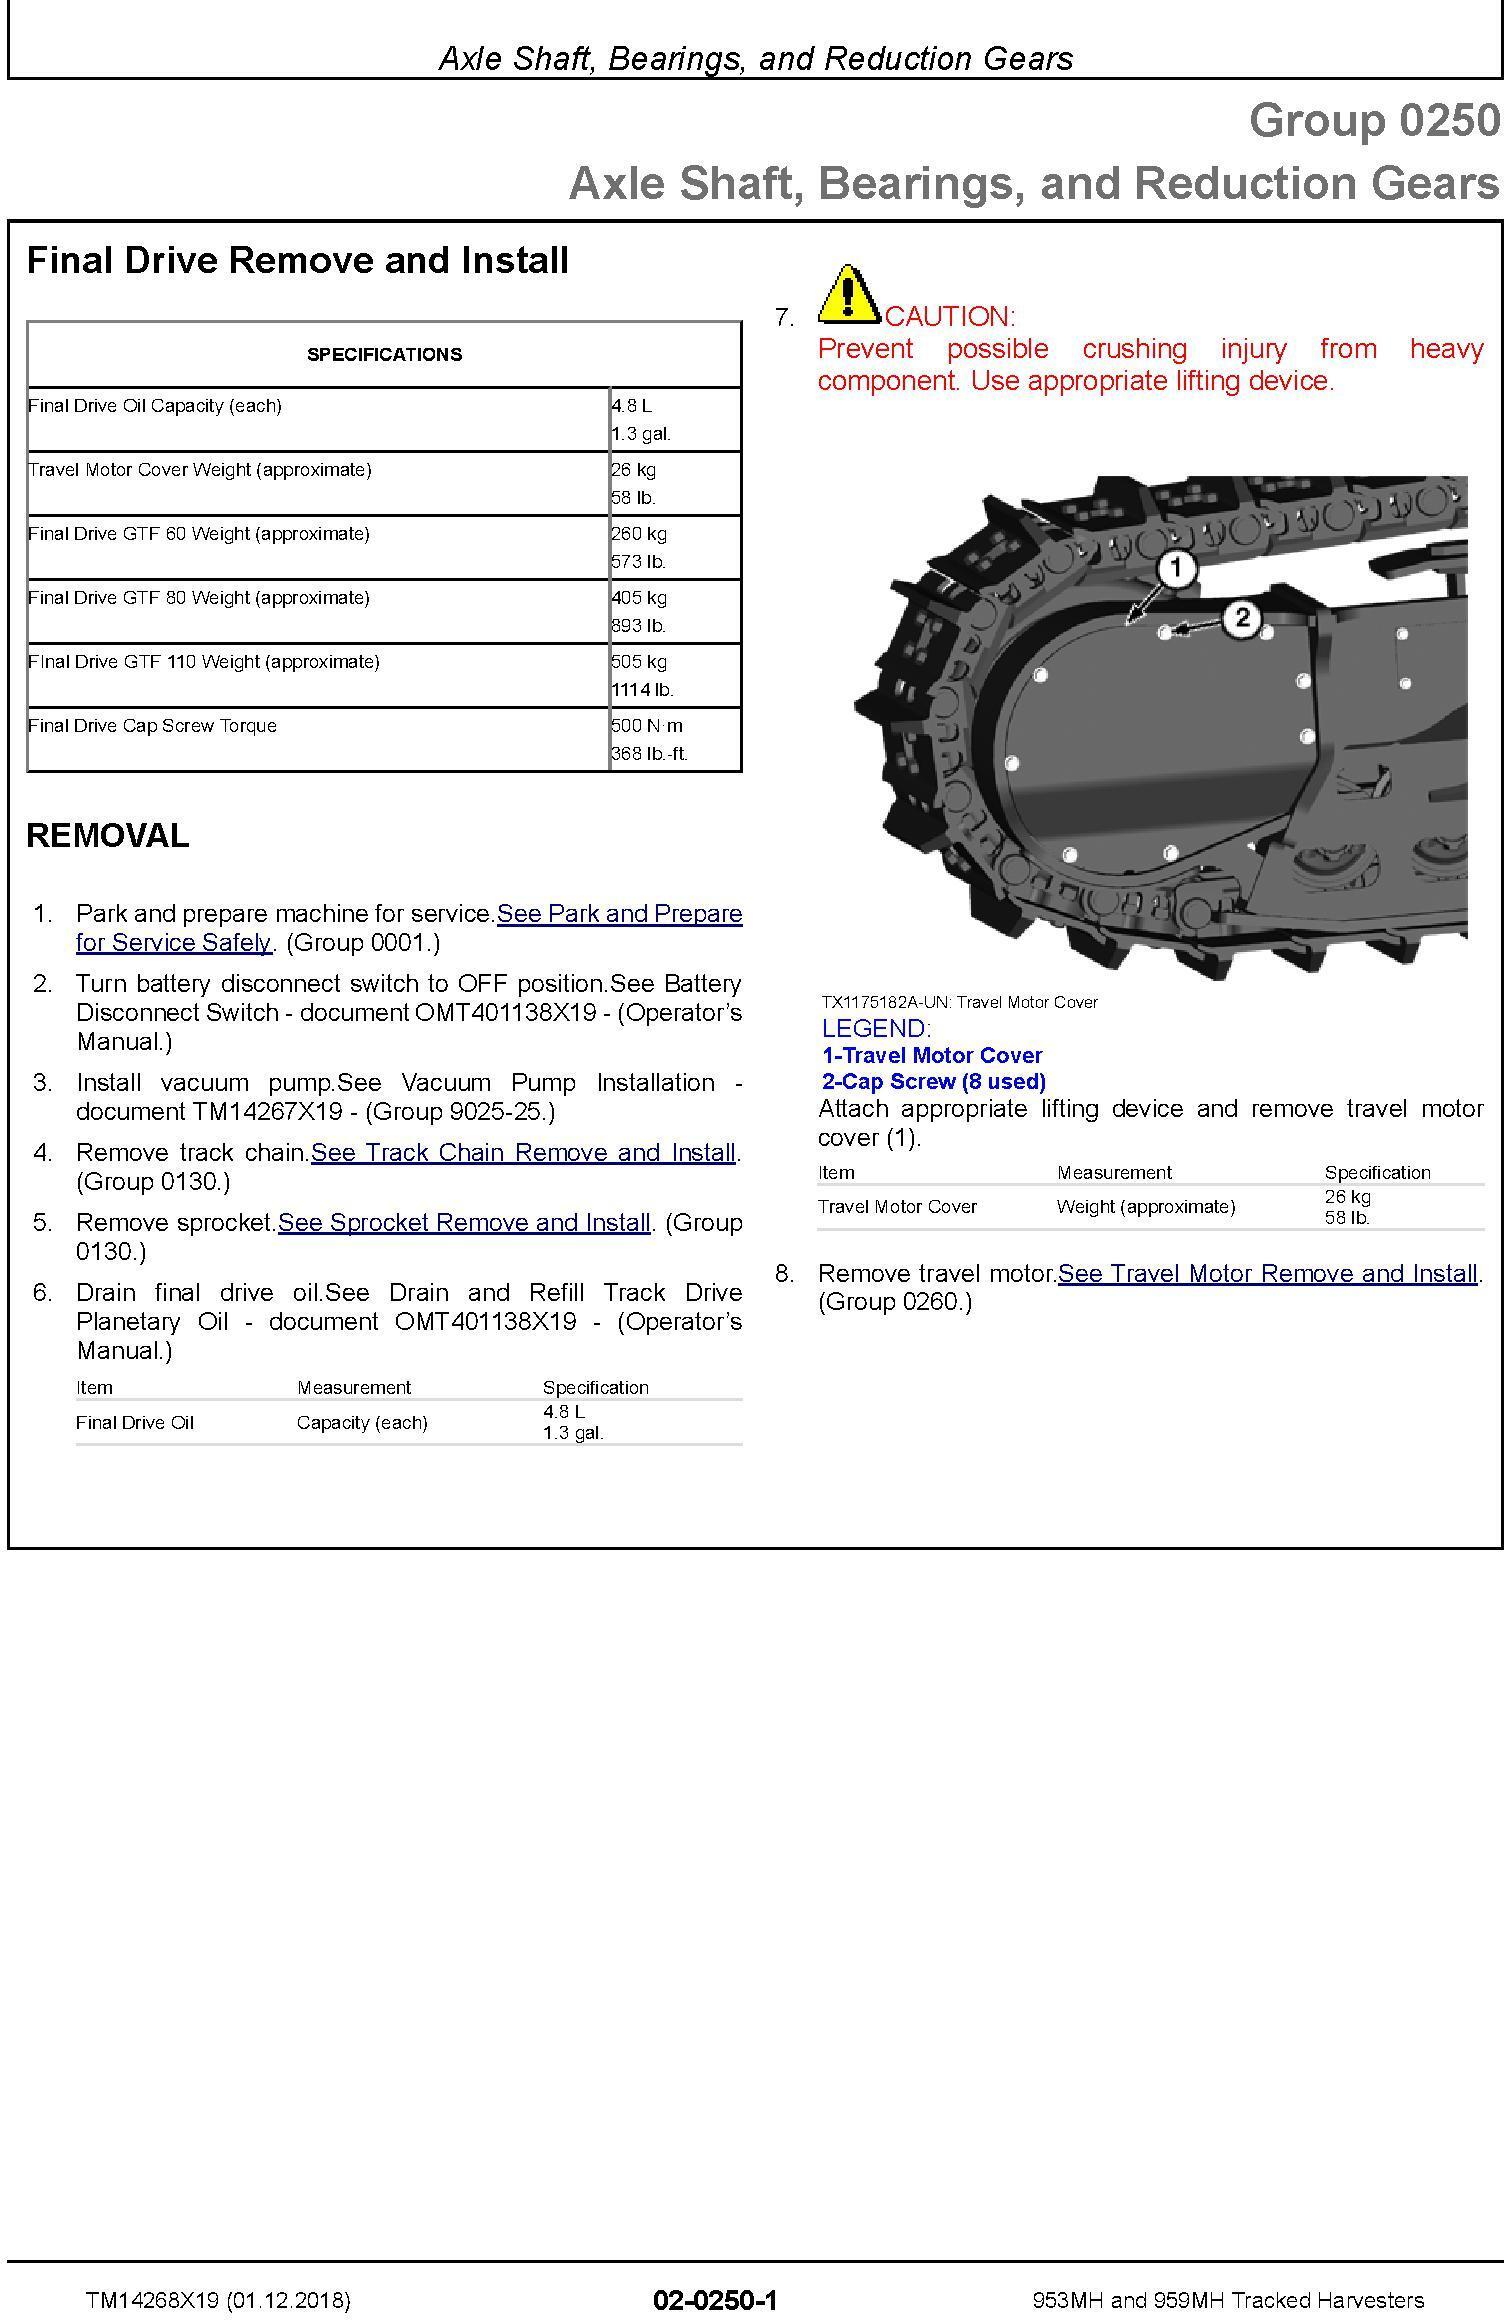 John Deere 953MH, 959MH (SN.C317982-,D317982-) Tracked Harvesters Service Repair Manual (TM14268X19) - 1